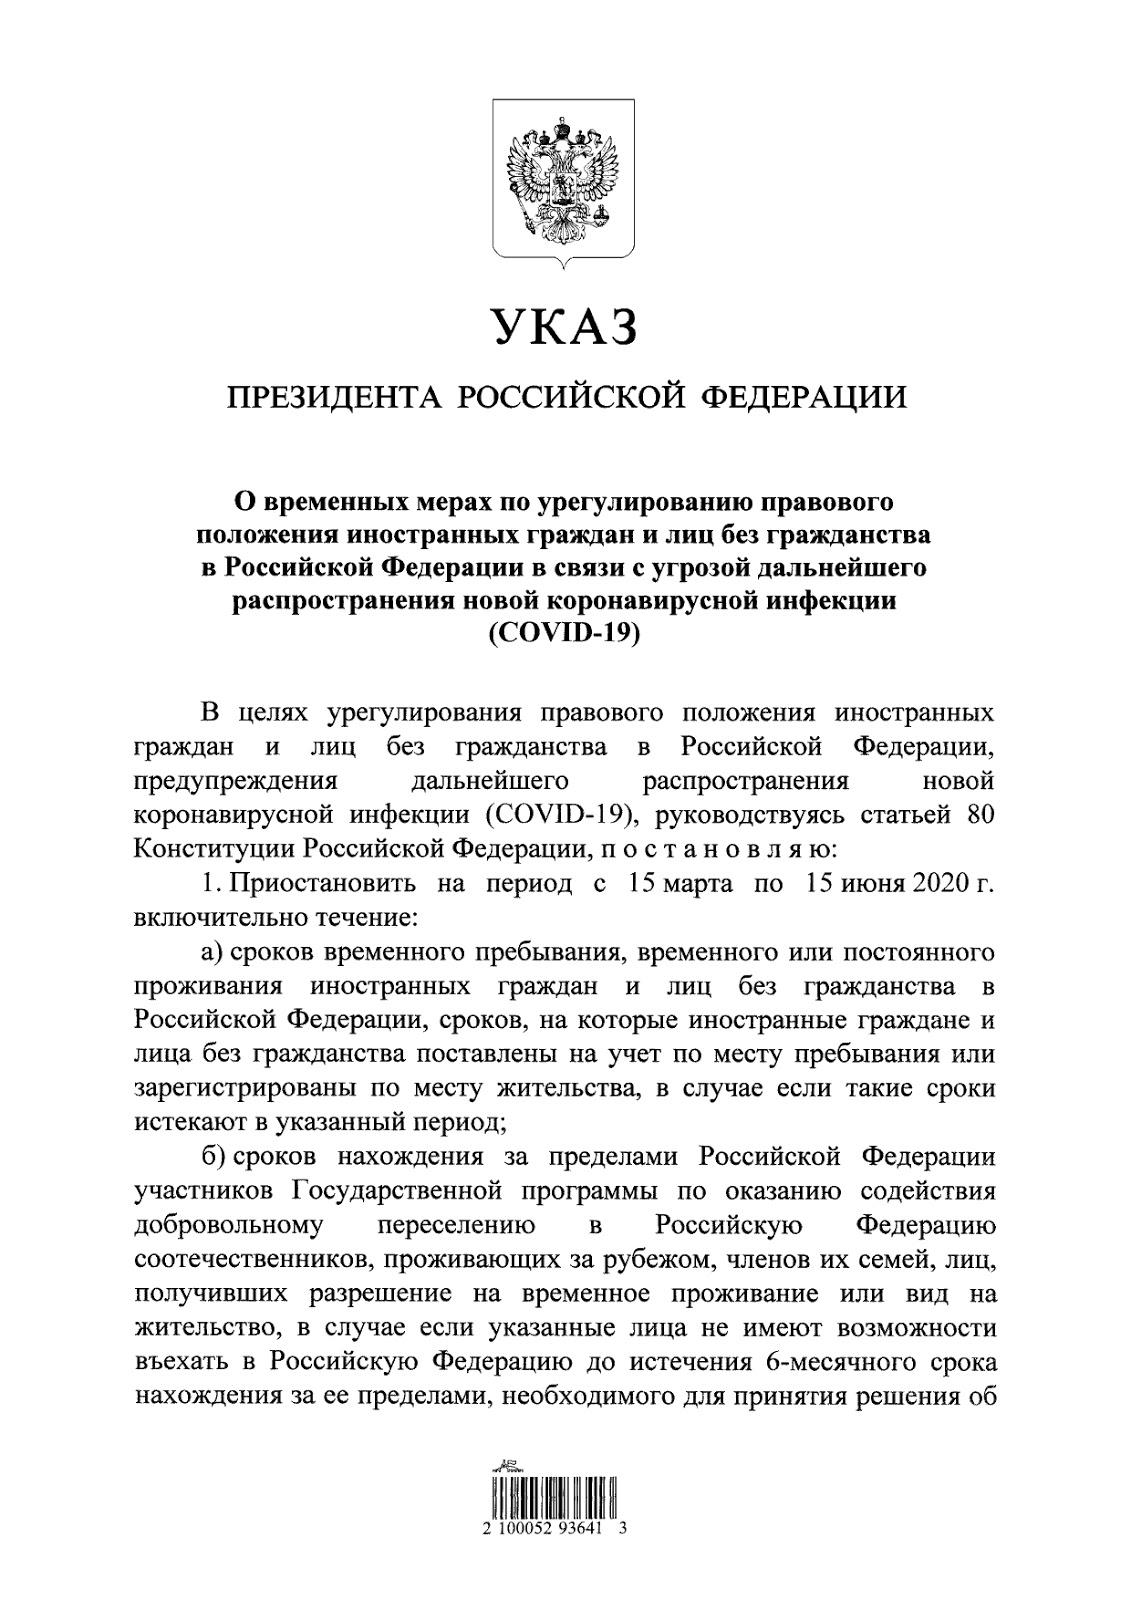 Указ Президента РФ № 274 от 18.04.2020 - 1